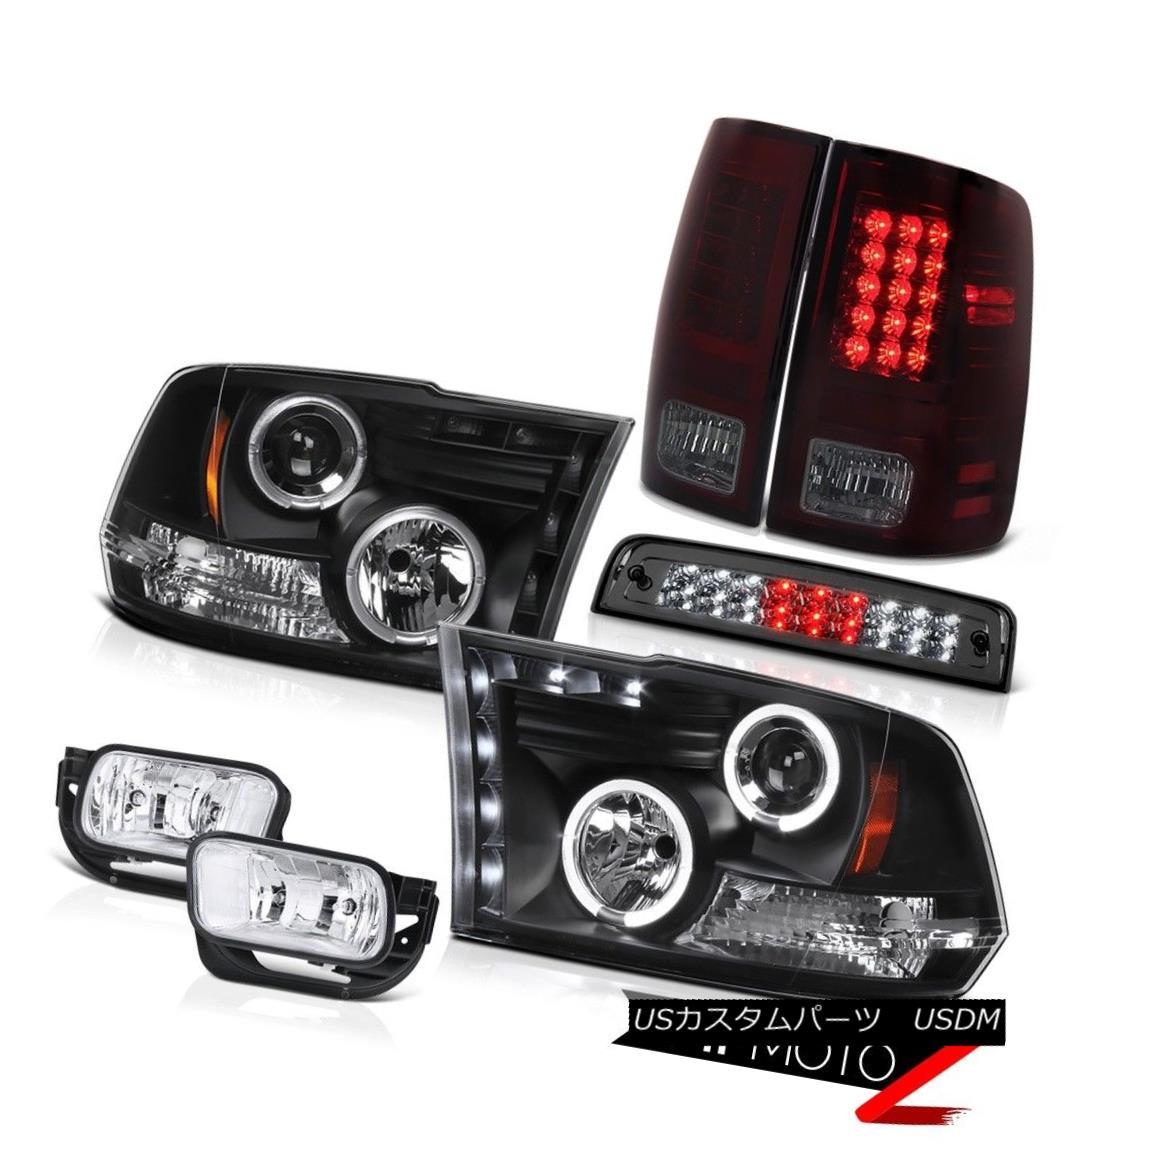 ヘッドライト 10-18 Dodge Ram 2500 3500 SLT Foglamps Roof Brake Lamp Tail Lamps Headlamps LED 10-18 Dodge Ram 2500 3500 SLTフォグランプ屋根ブレーキランプテールランプヘッドランプLED